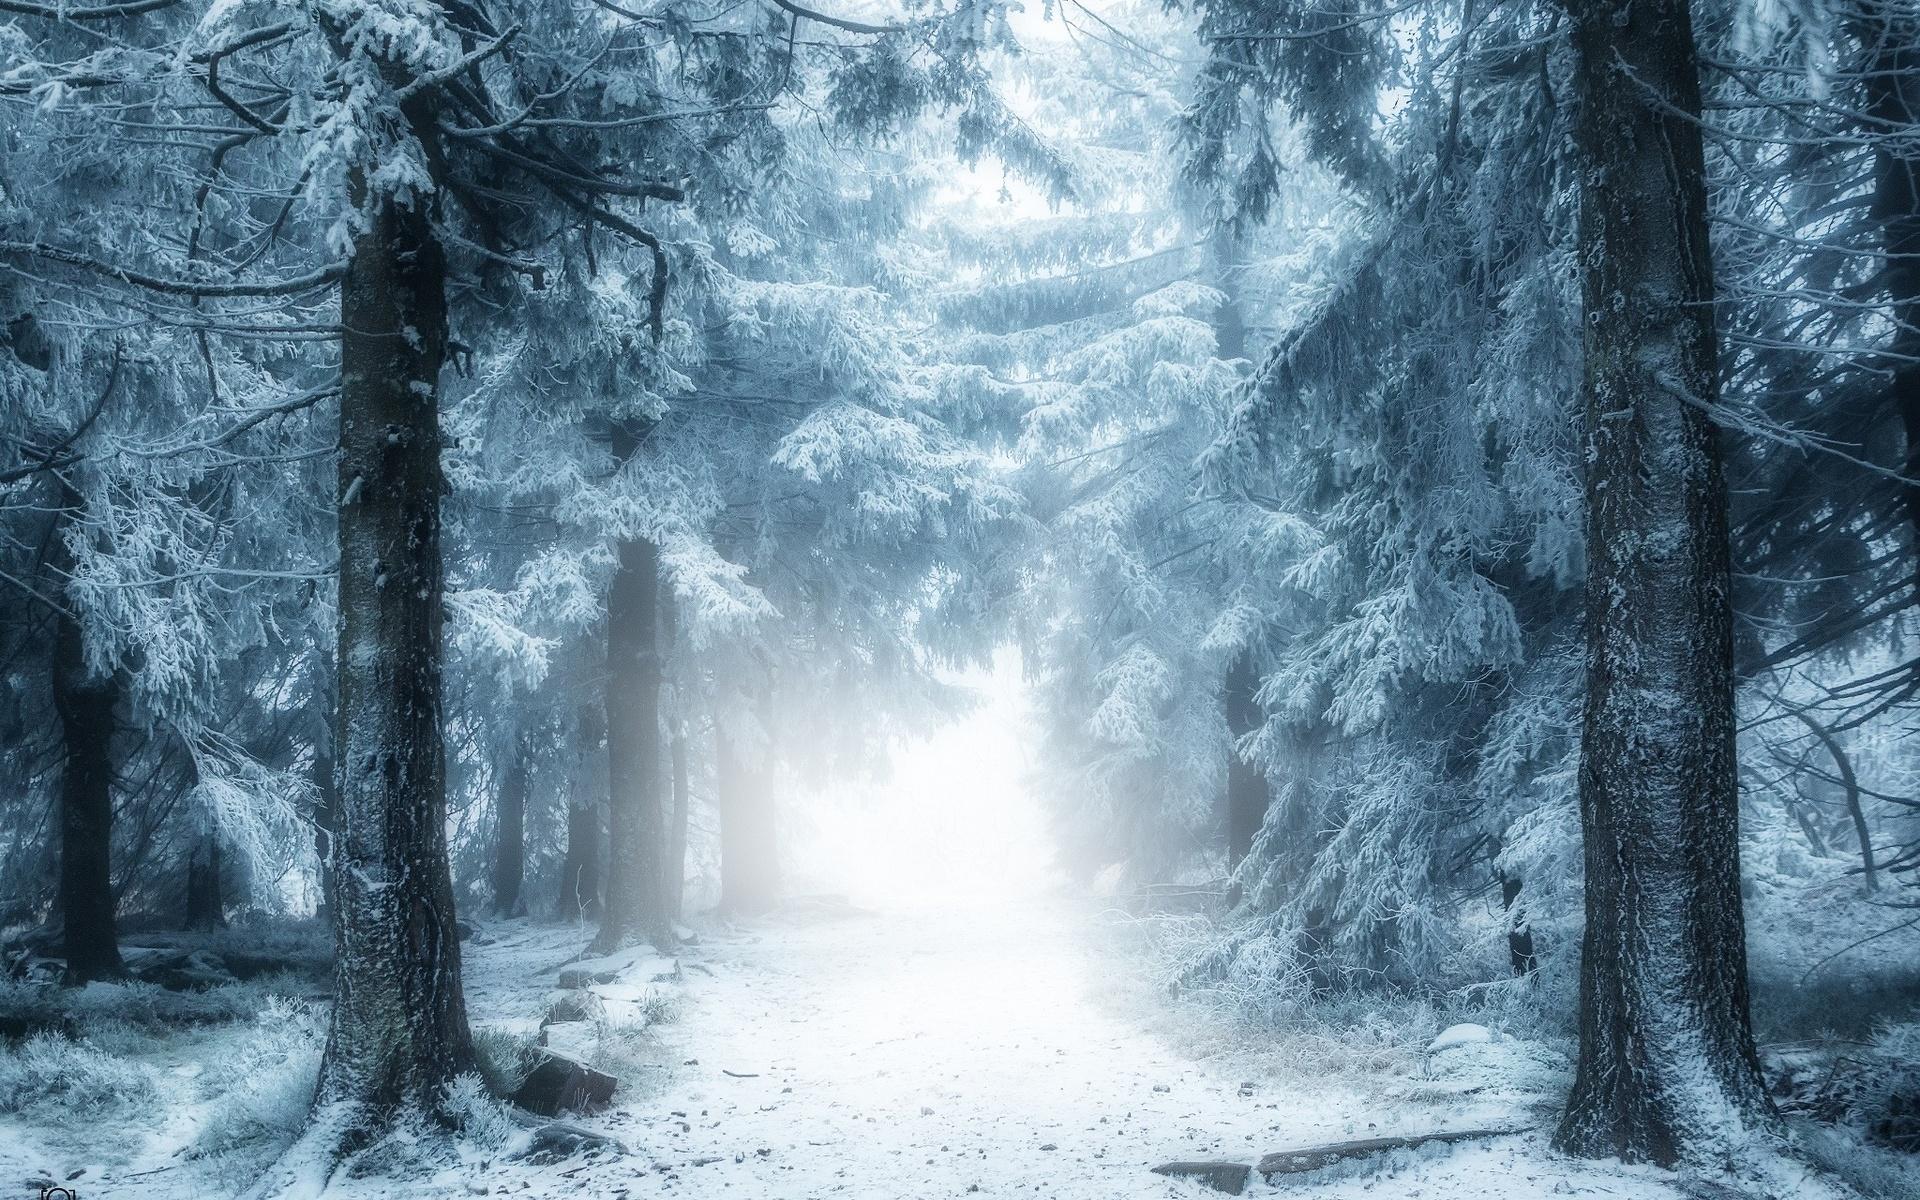 ива лес зимой и сказка фэнтези фото обладает необъяснимым магнетизмом